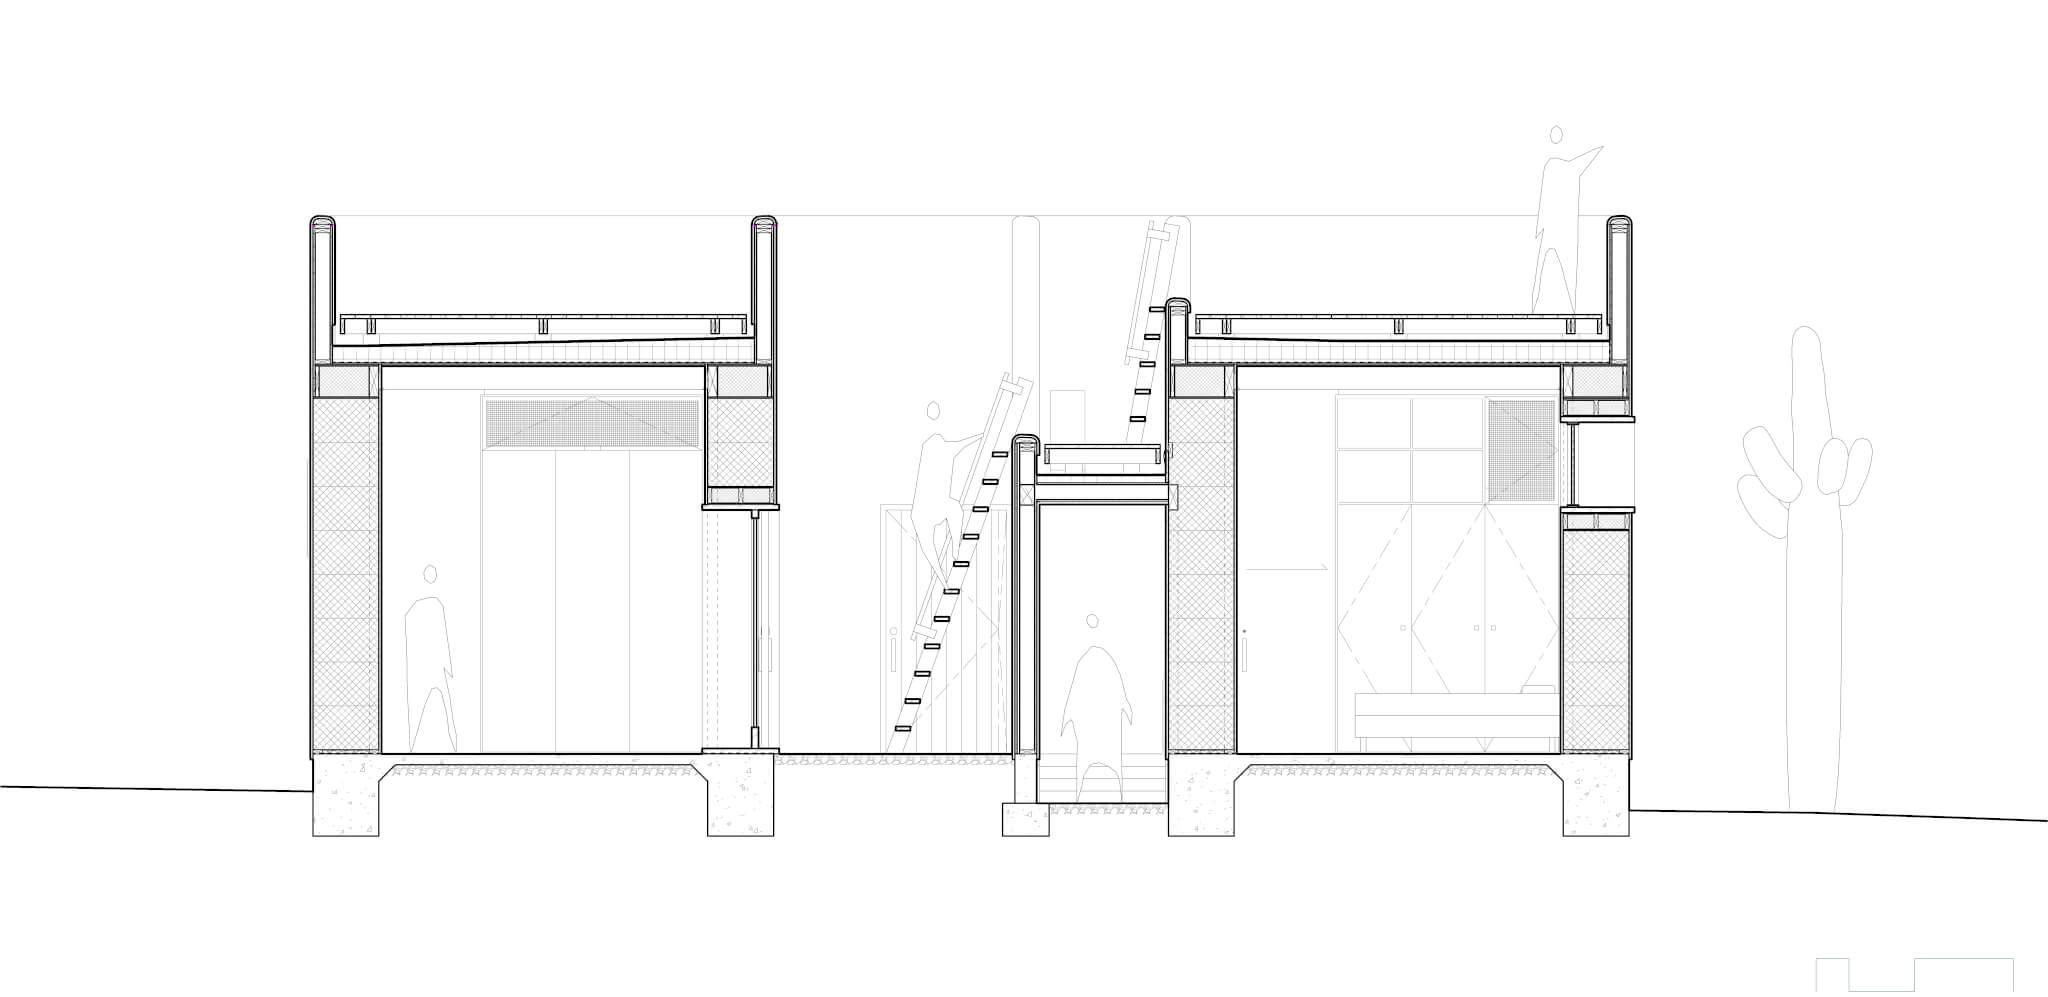 PS_casa de paja_section N-S